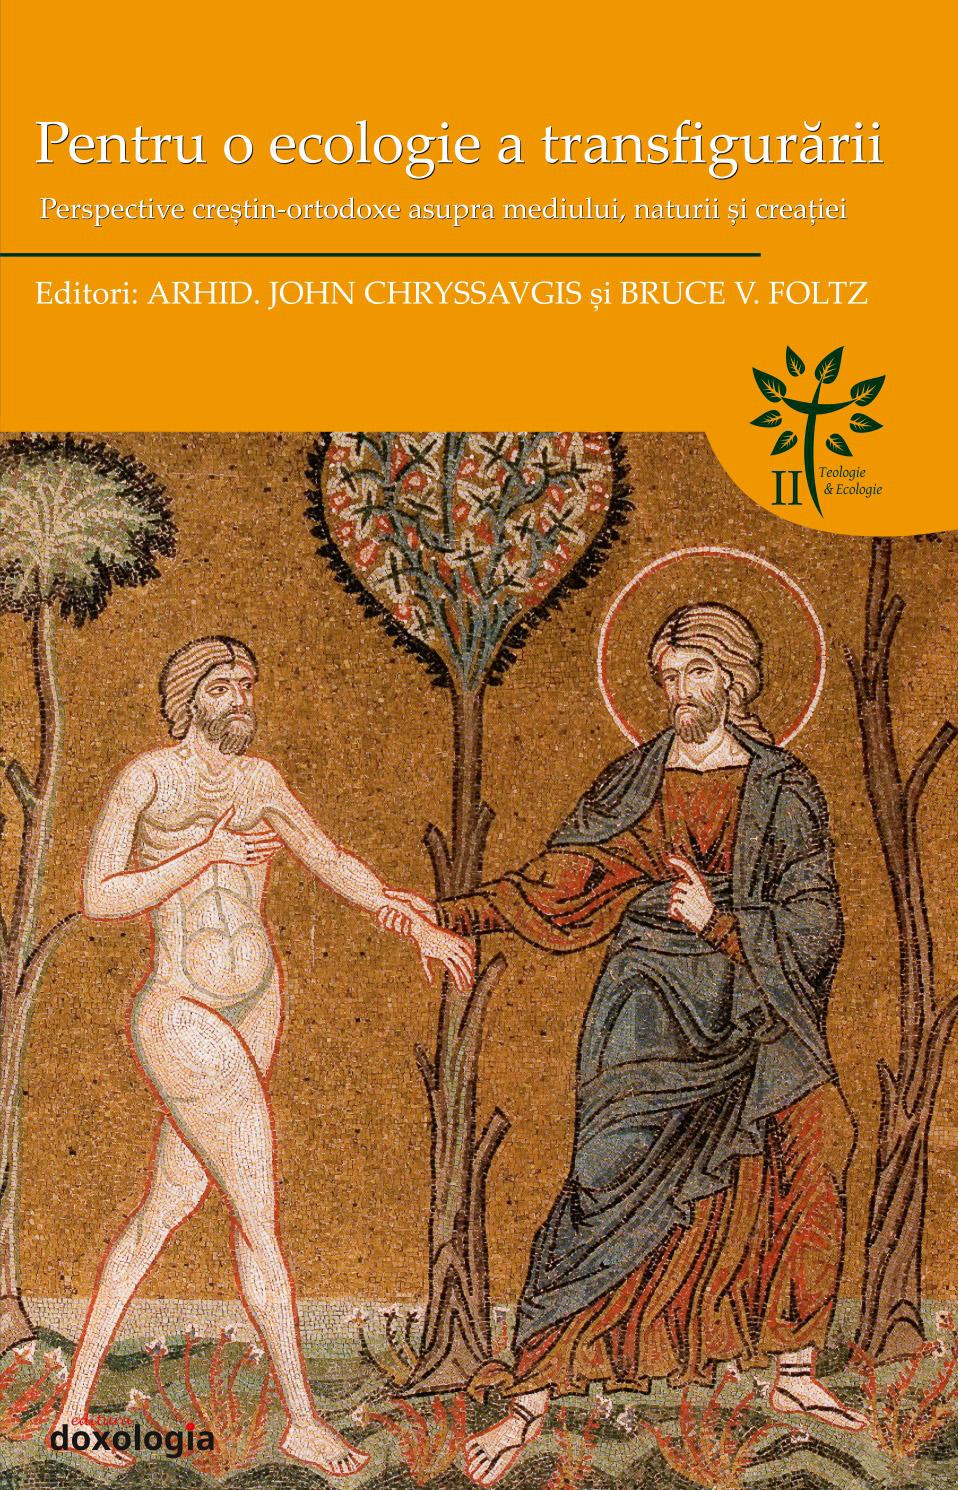 Pentru o ecologie a transfigurării. Perspective creştin-ortodoxe asupra mediului, naturii şi creaţiei